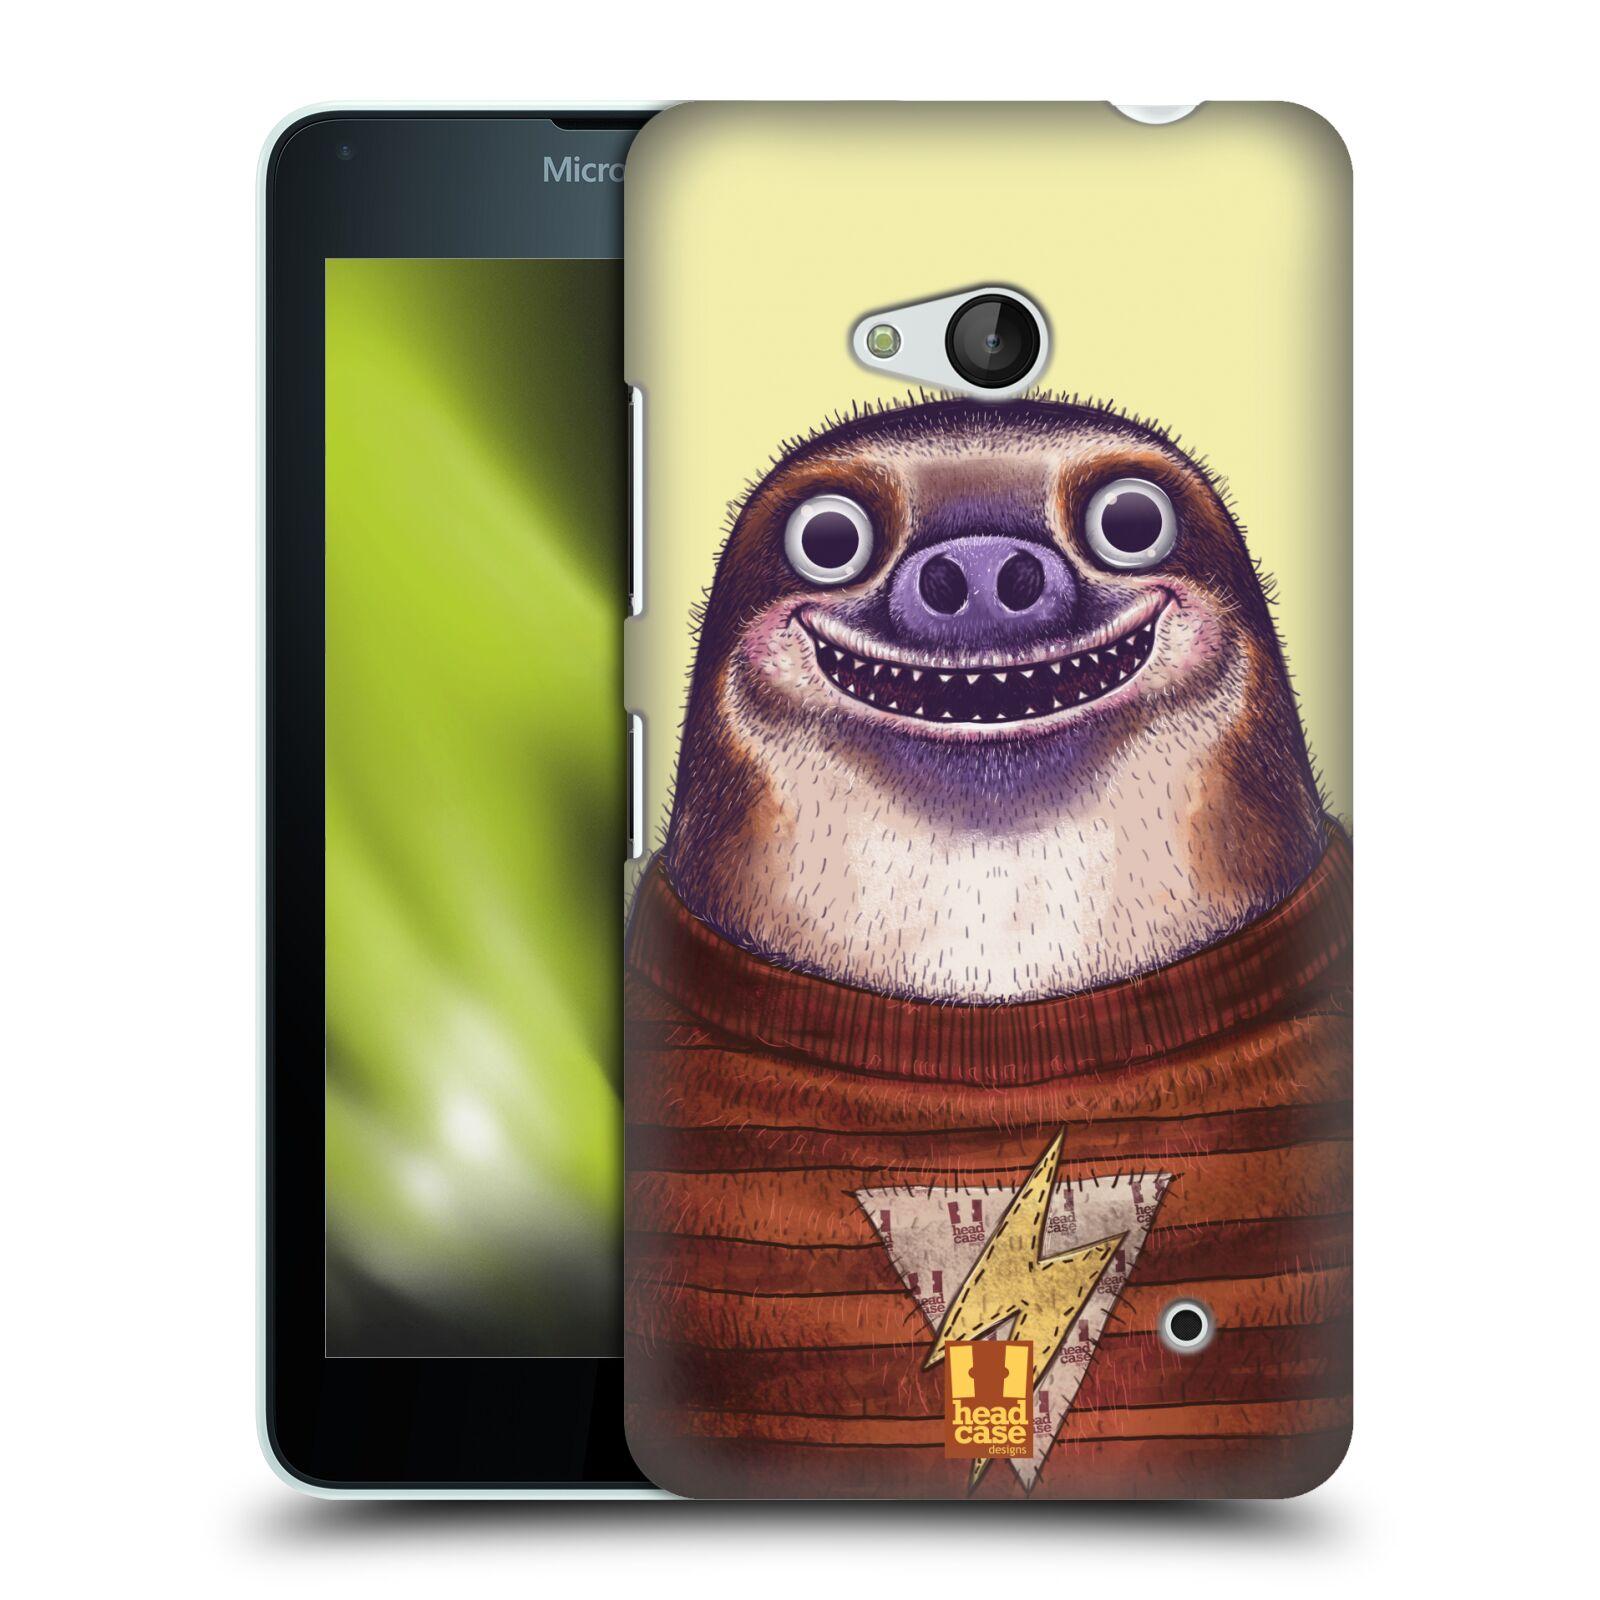 HEAD CASE plastový obal na mobil Nokia Lumia 640 vzor Kreslená zvířátka lenochod